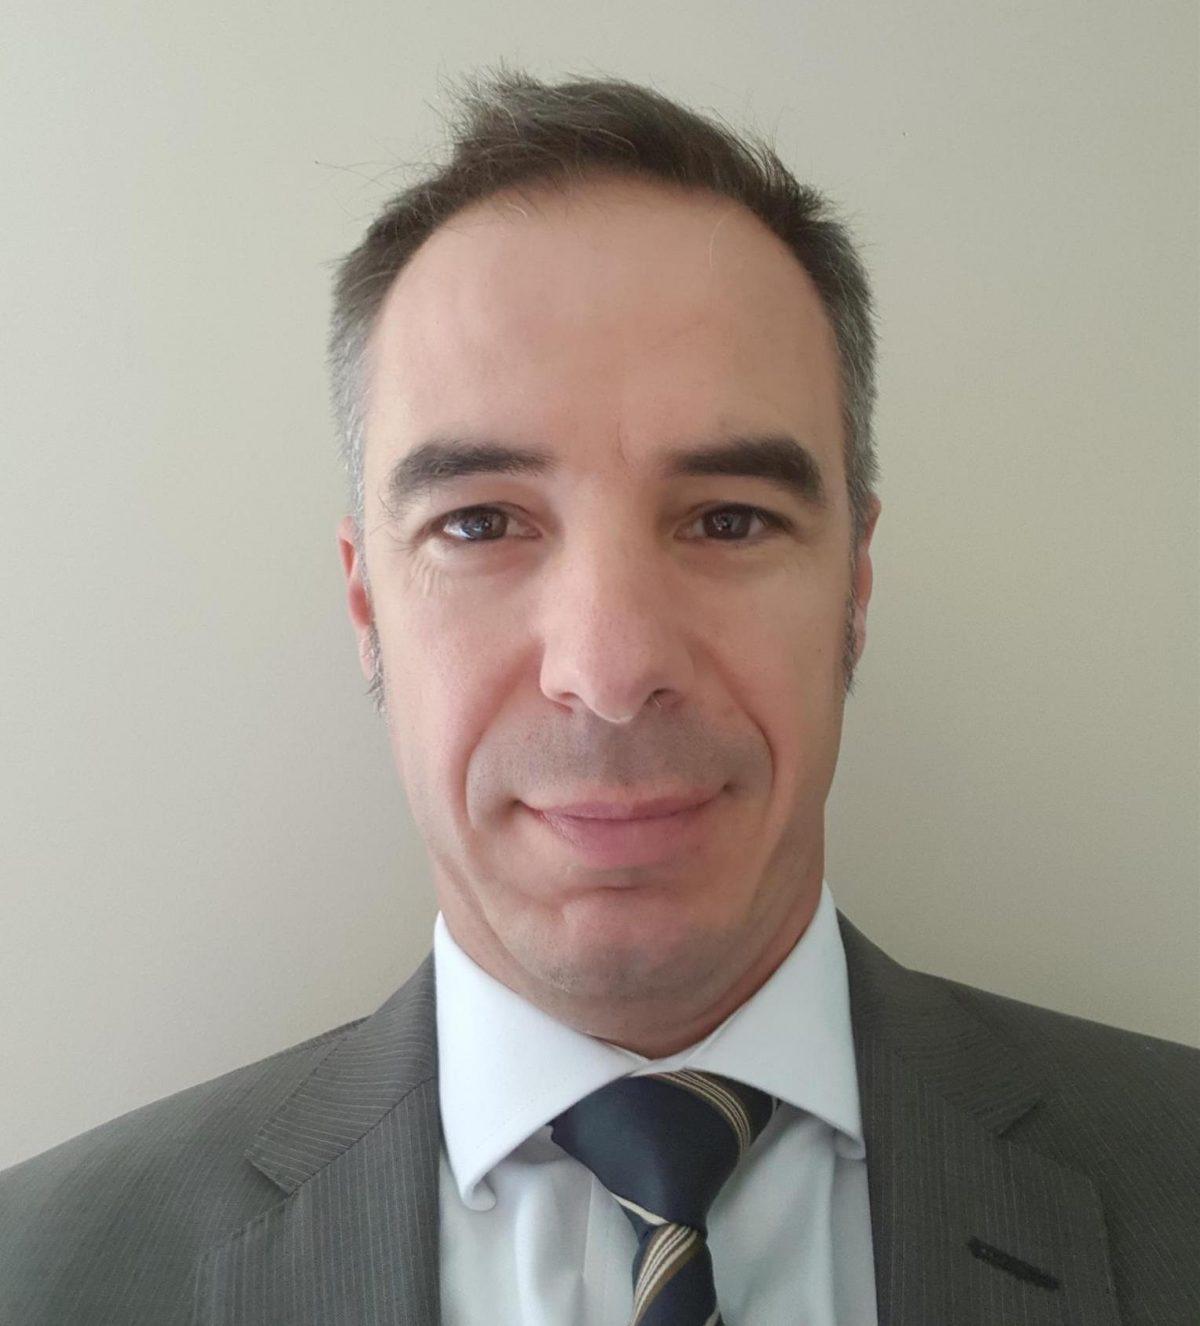 Grégory Vix